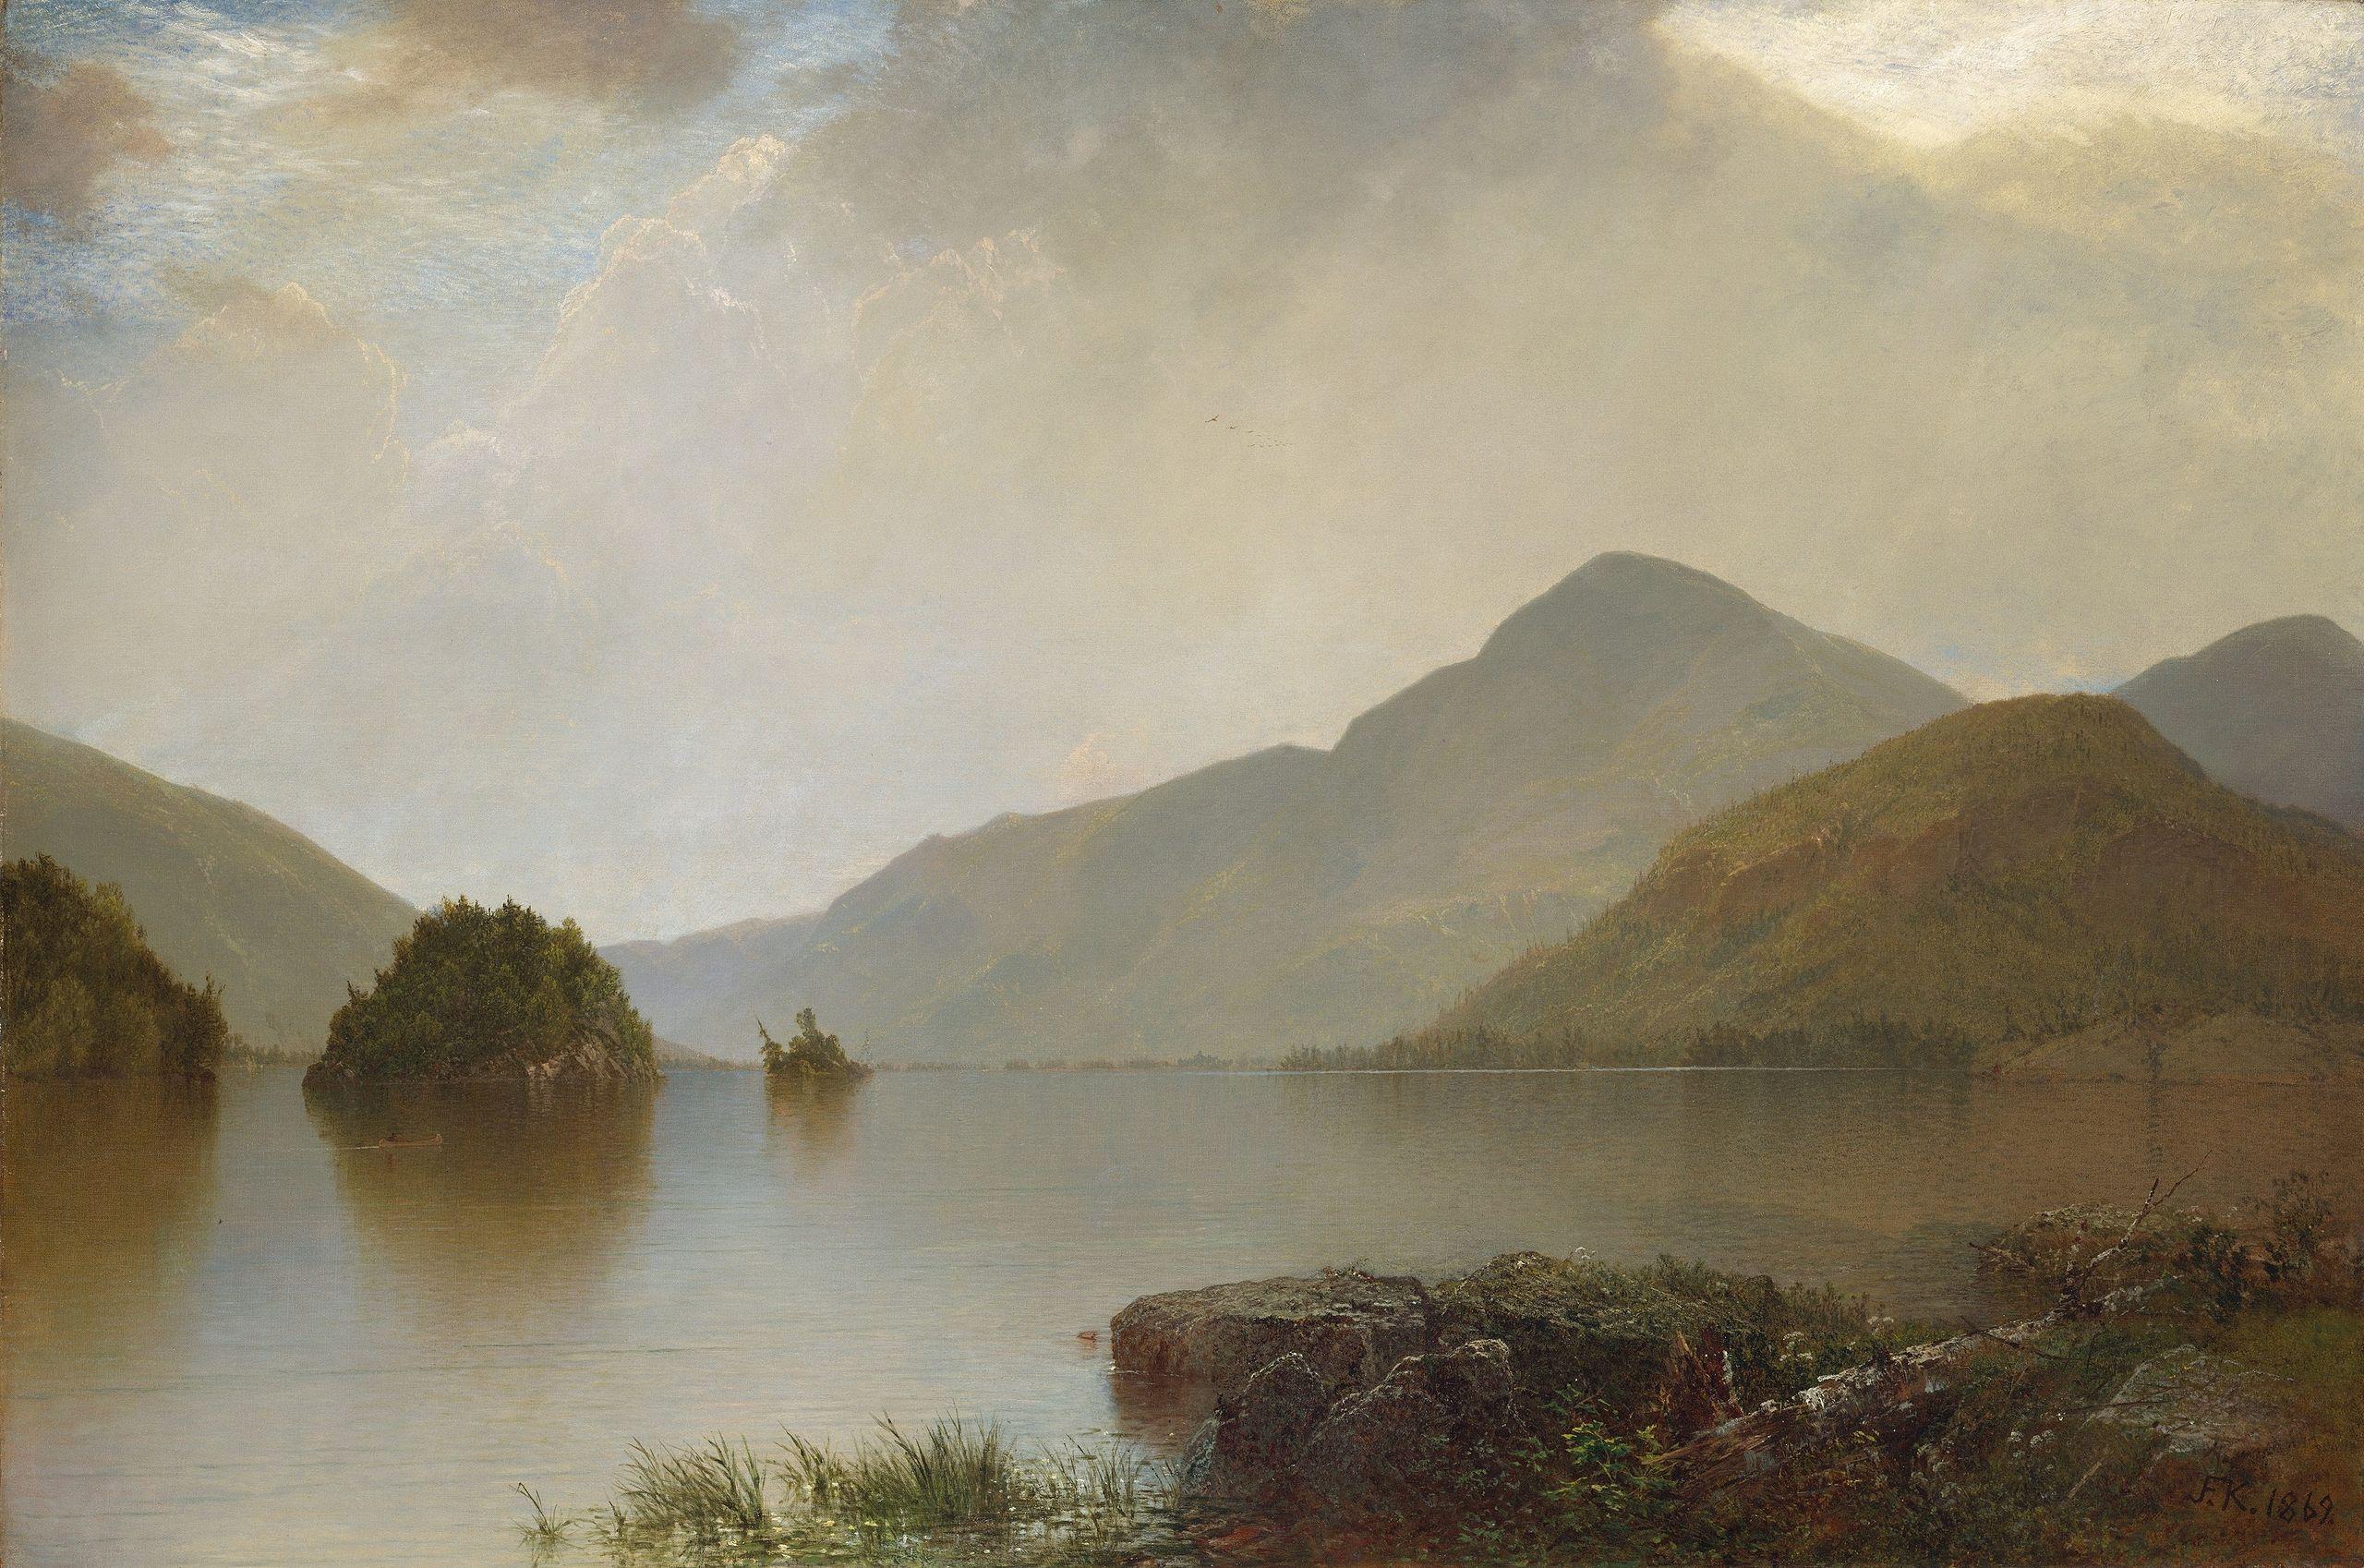 John F Kensett, Lake George